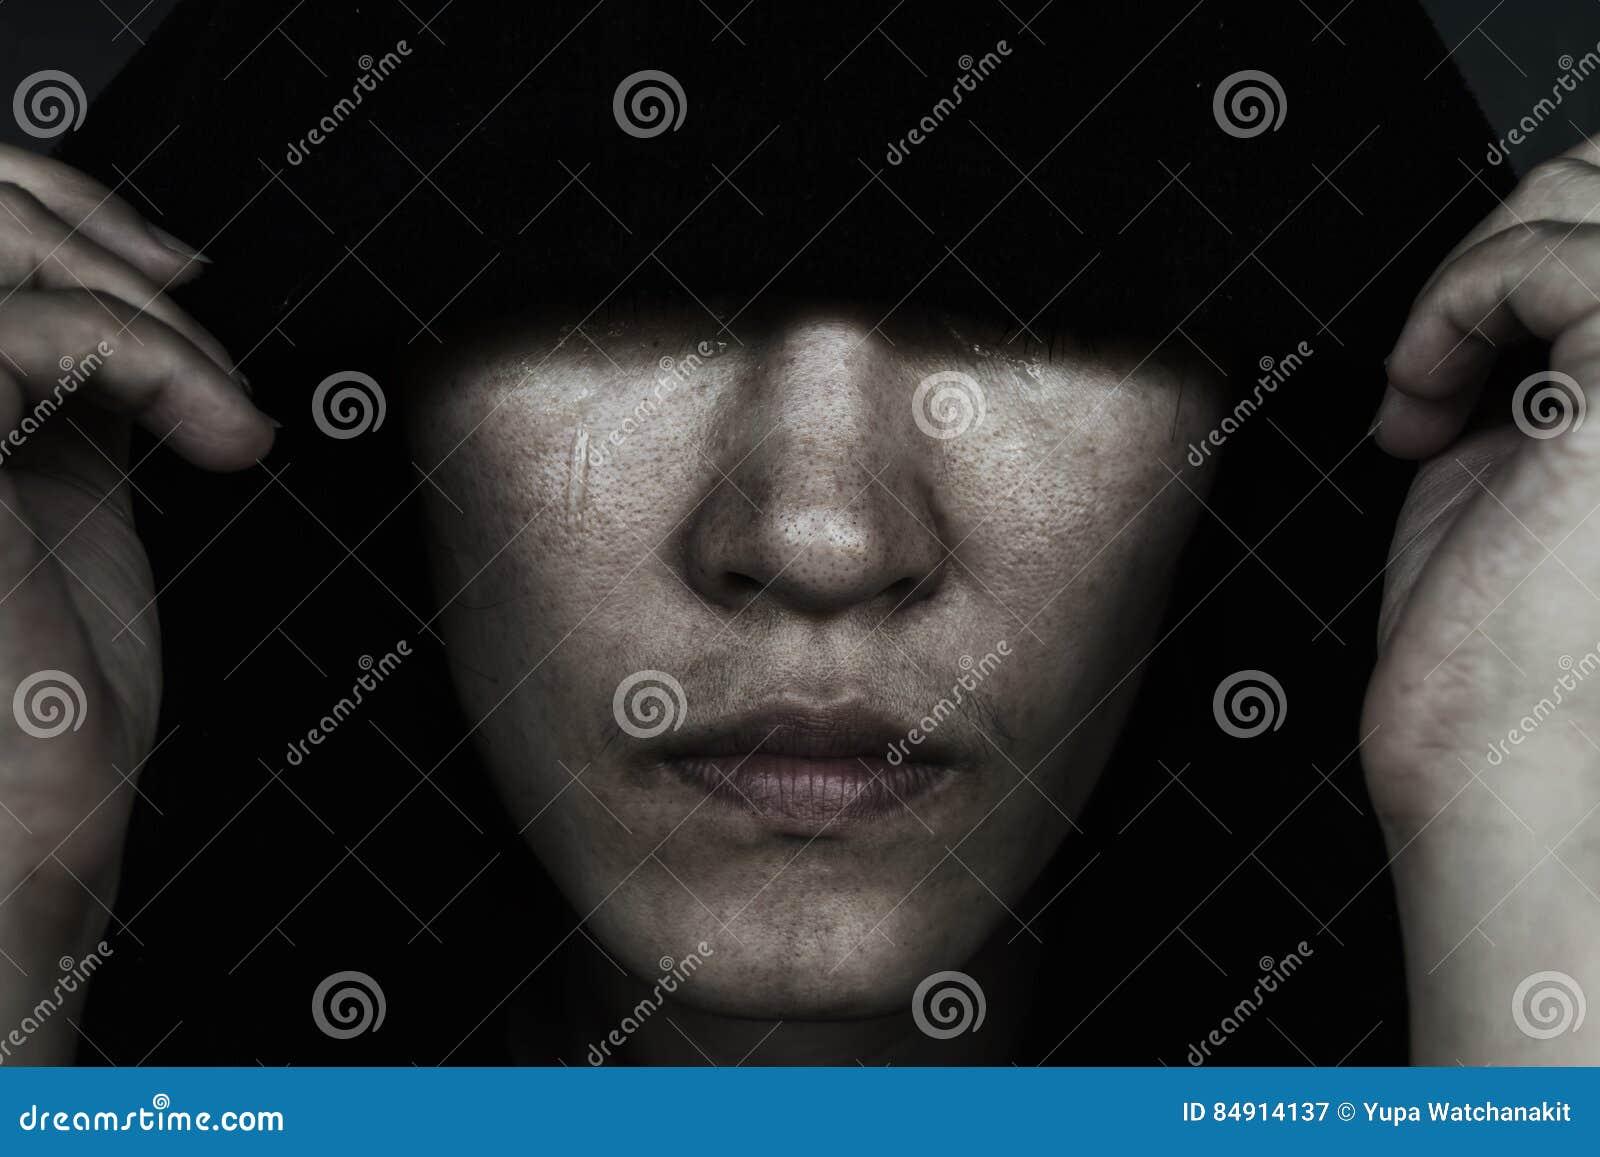 Femme En Larme enfoncez la femme dans le capot avec la larme image stock - image du